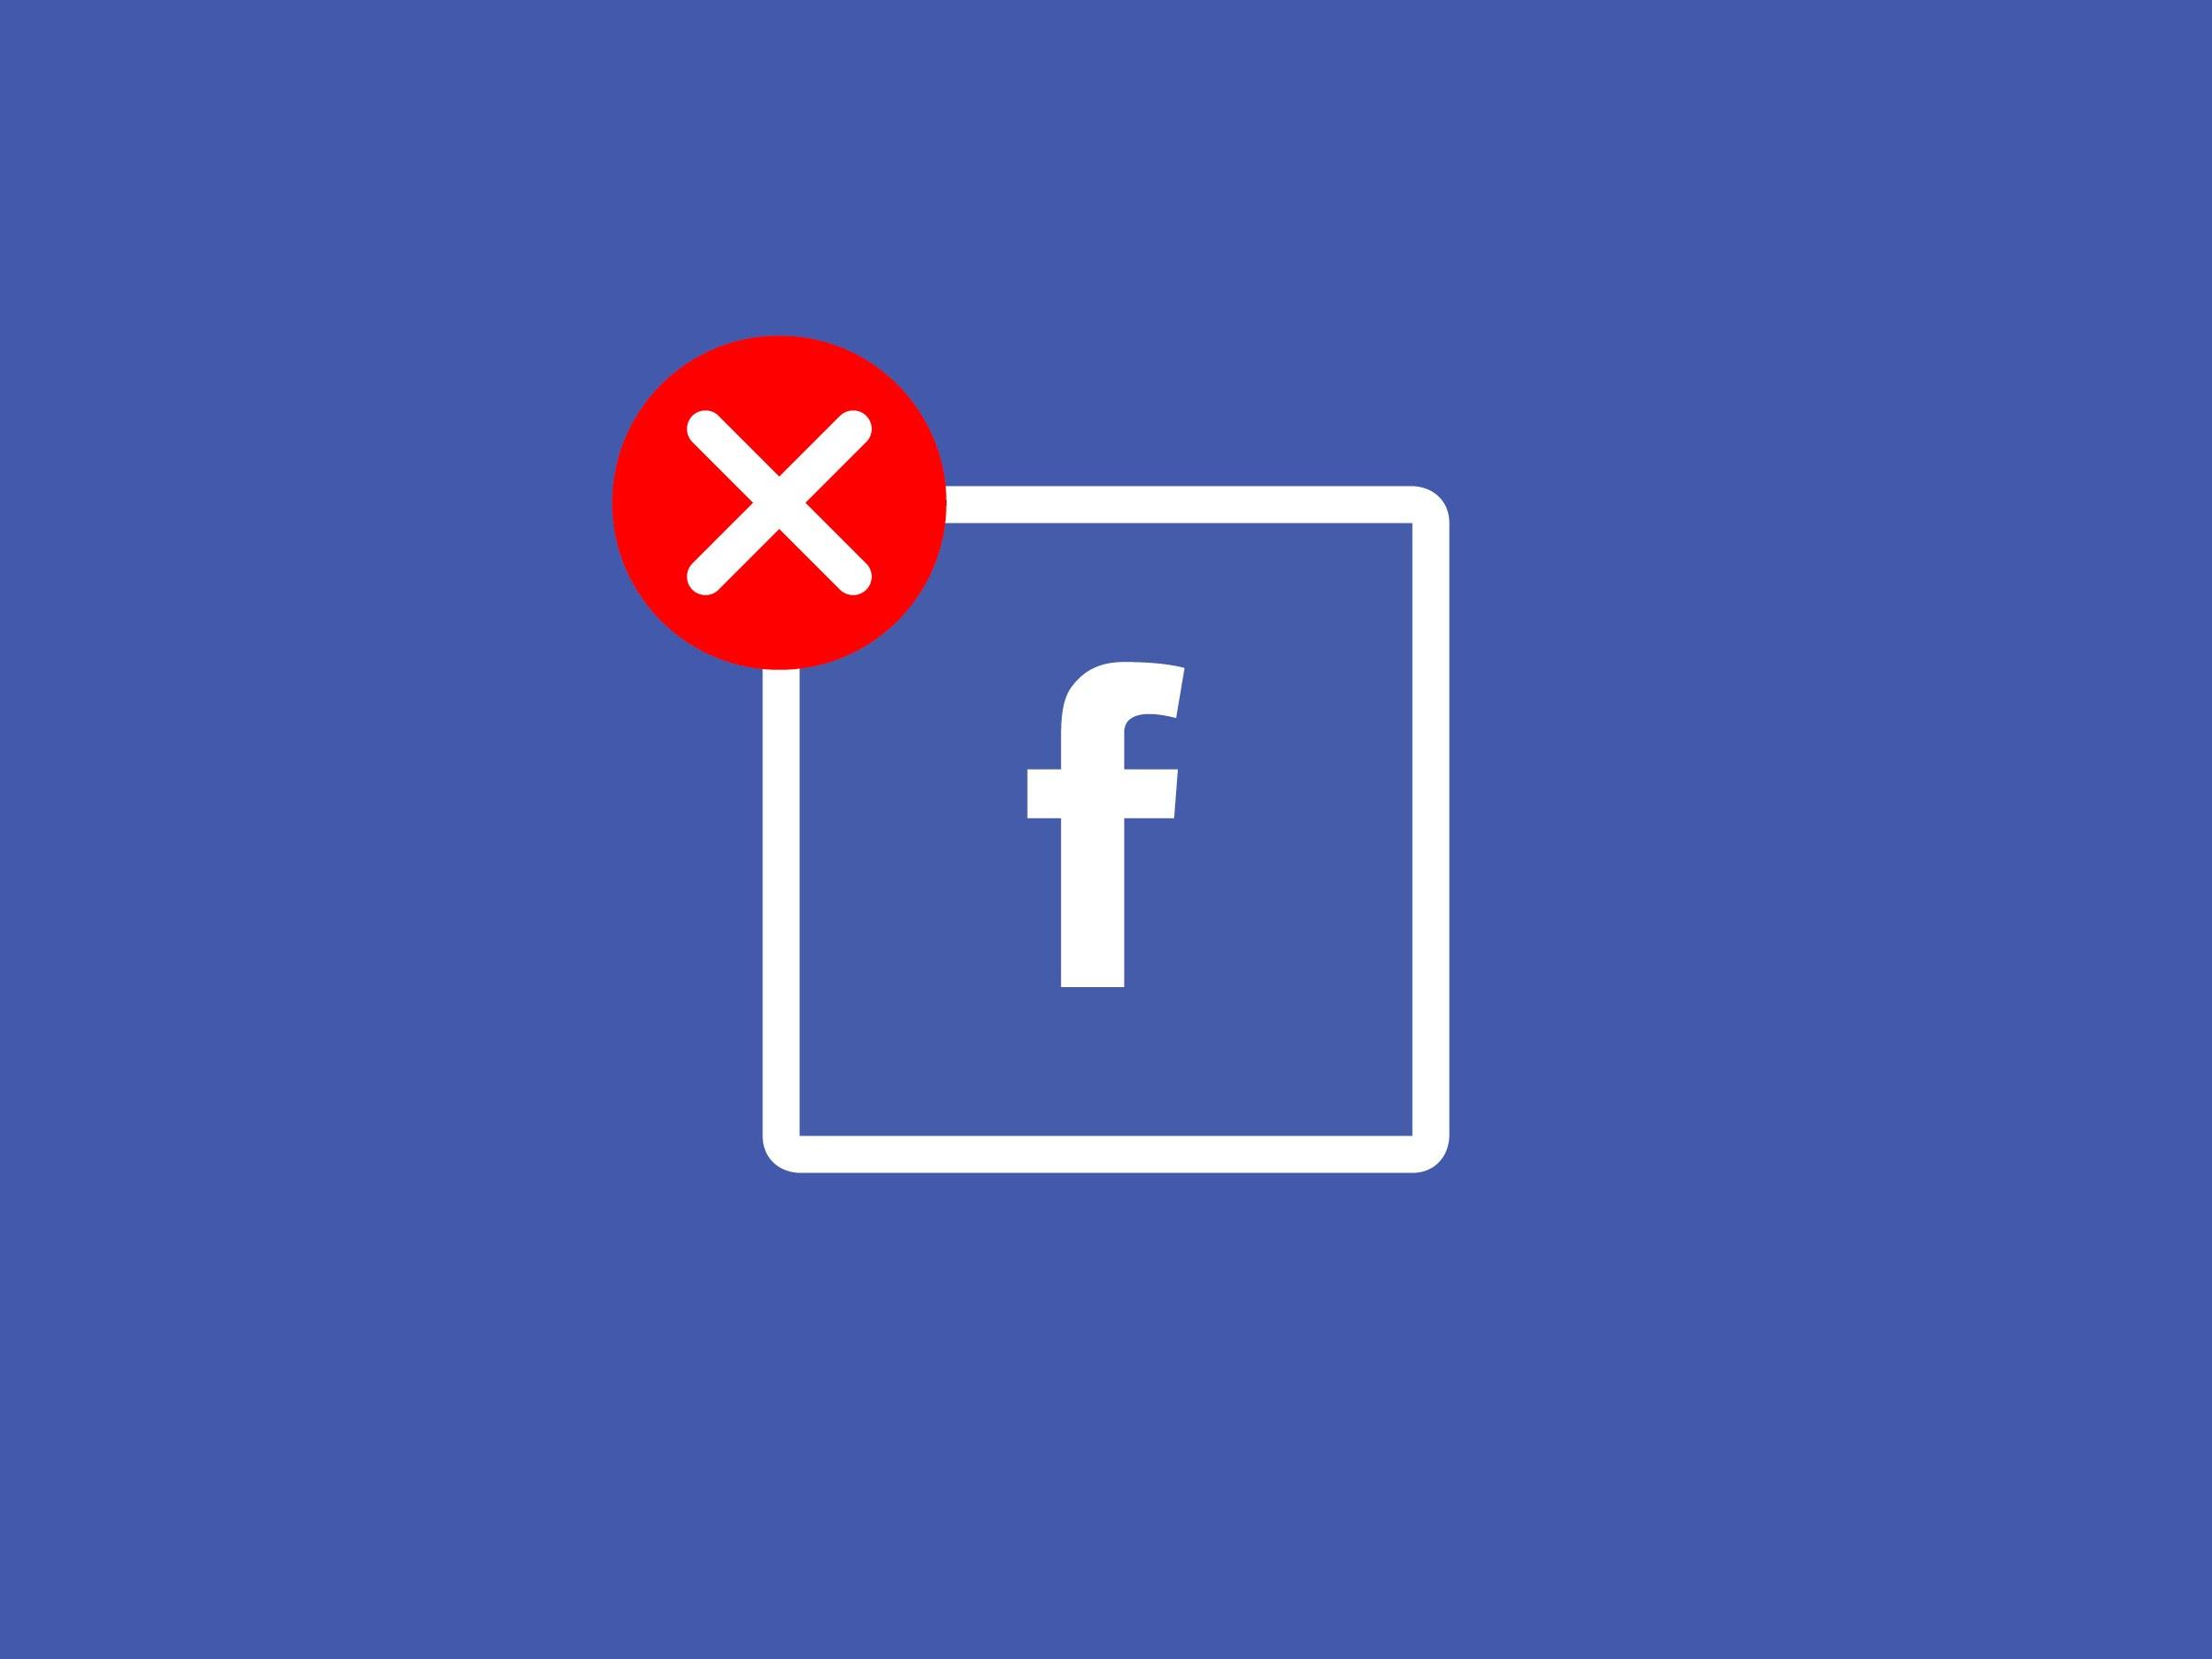 Ocultar publicaciones de Facebook para ser más productivo